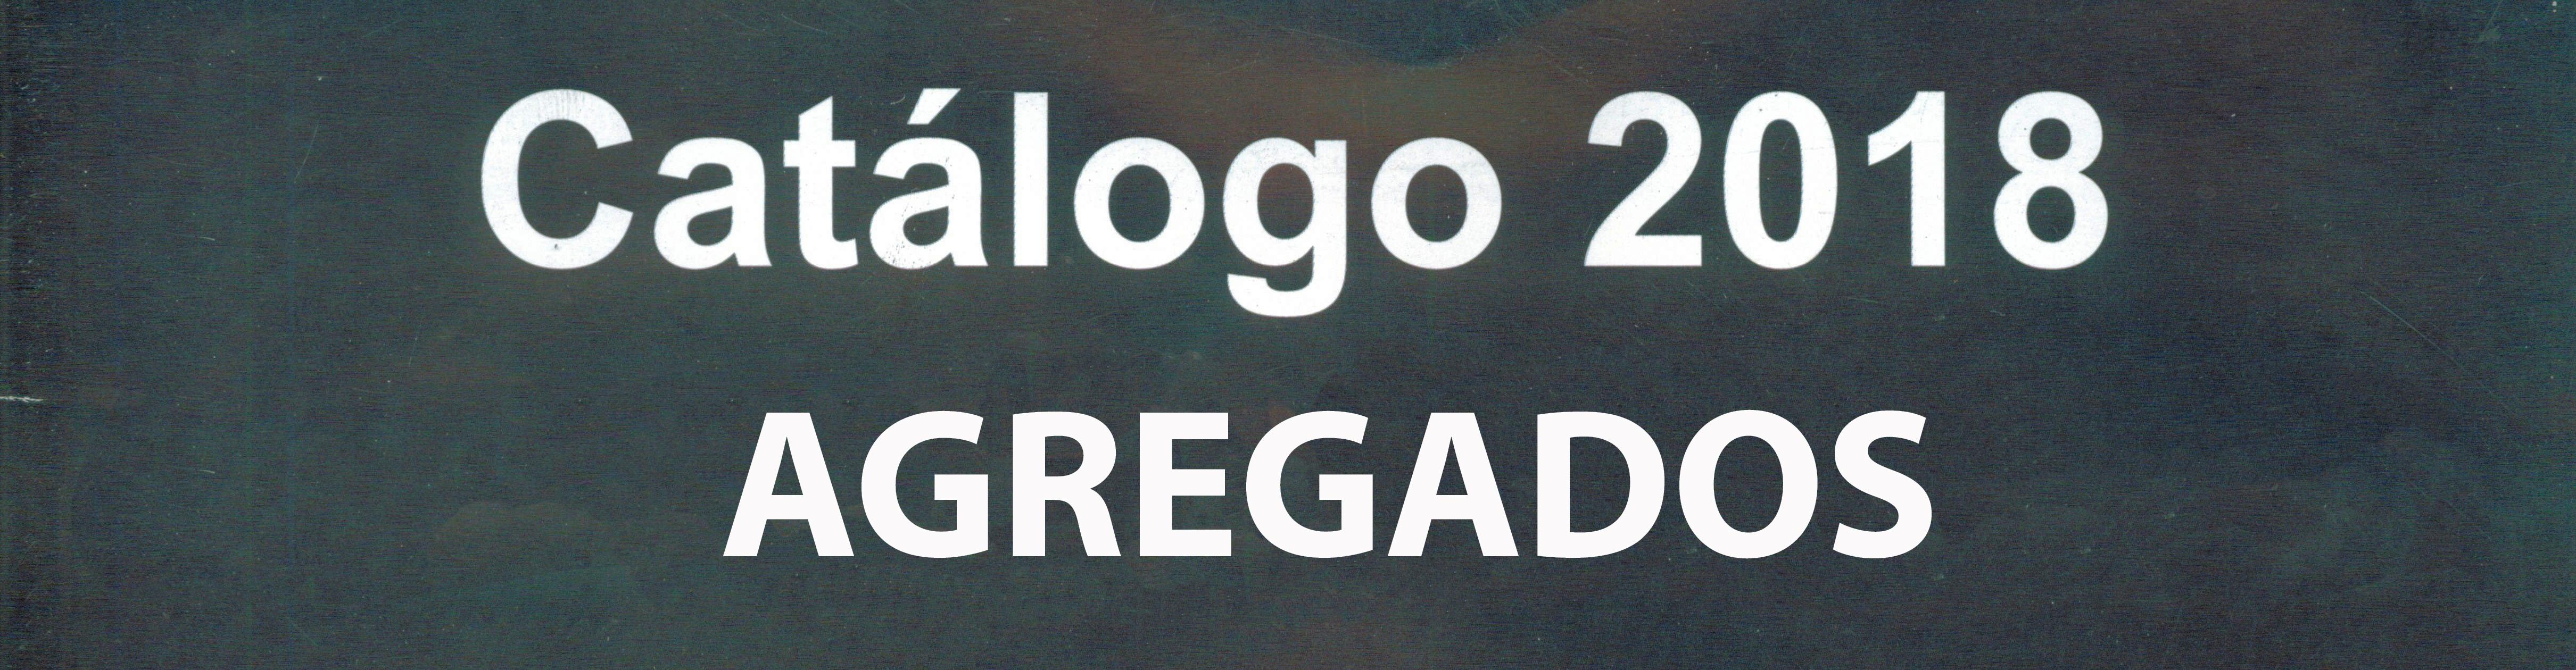 AGREGADOS CATALOGO 2018 (OCTUBRE 2019) (1)